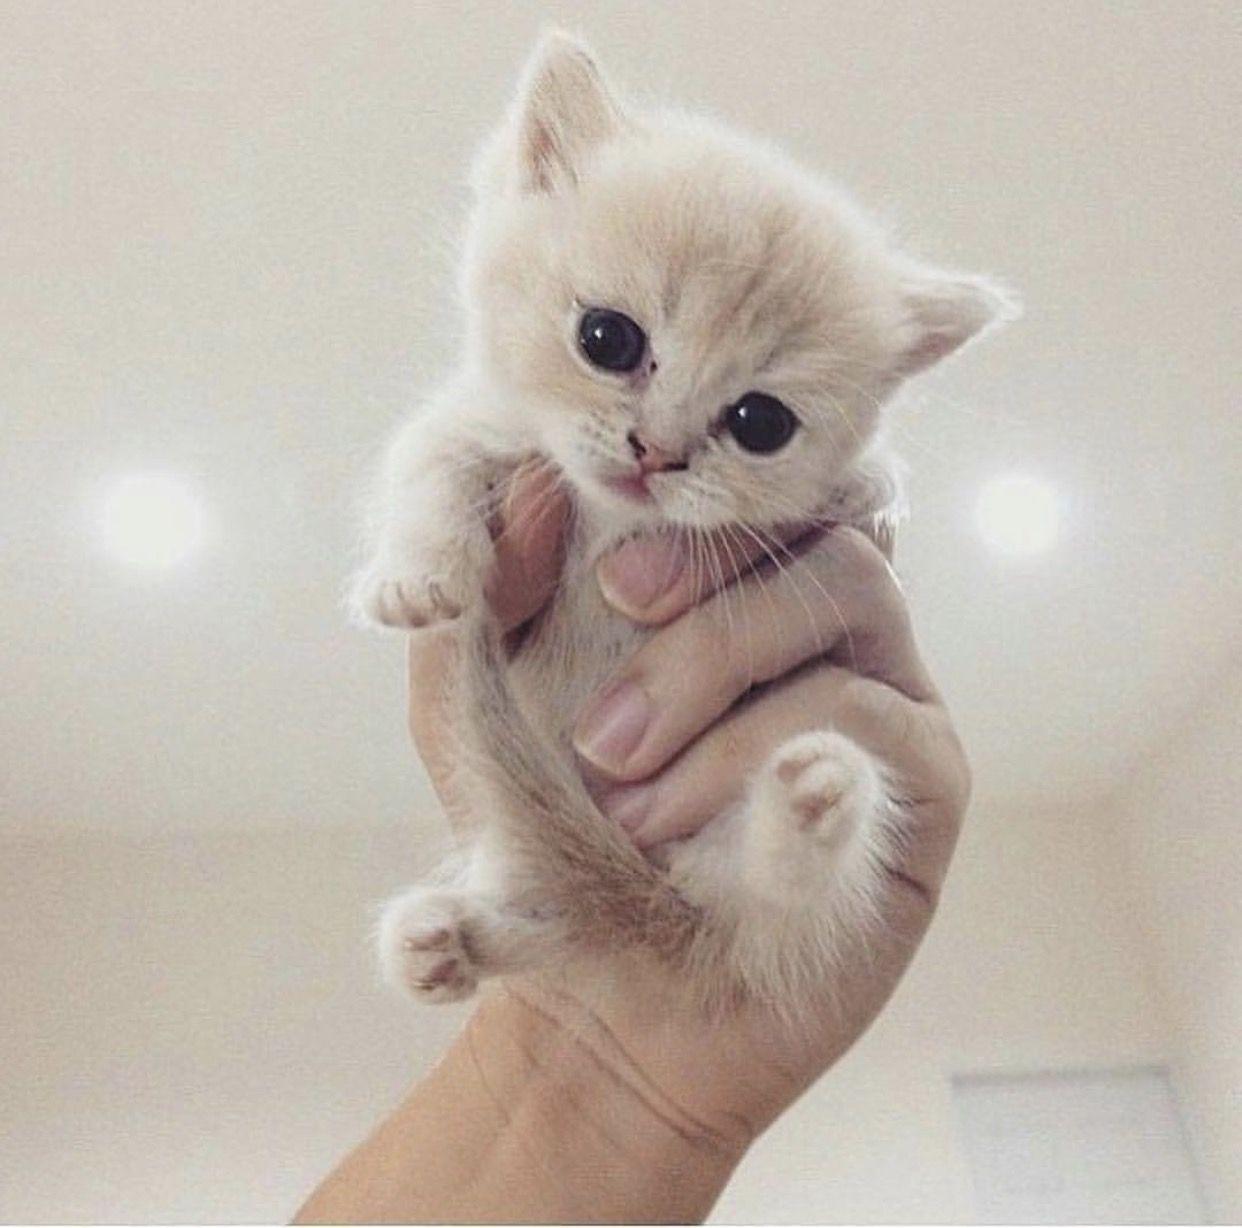 Resultat De Recherche D Images Pour Shigeru Onda Est Un Nain De 50 Centimetres Chats Adorables Animaux Adorables Animaux Mignons